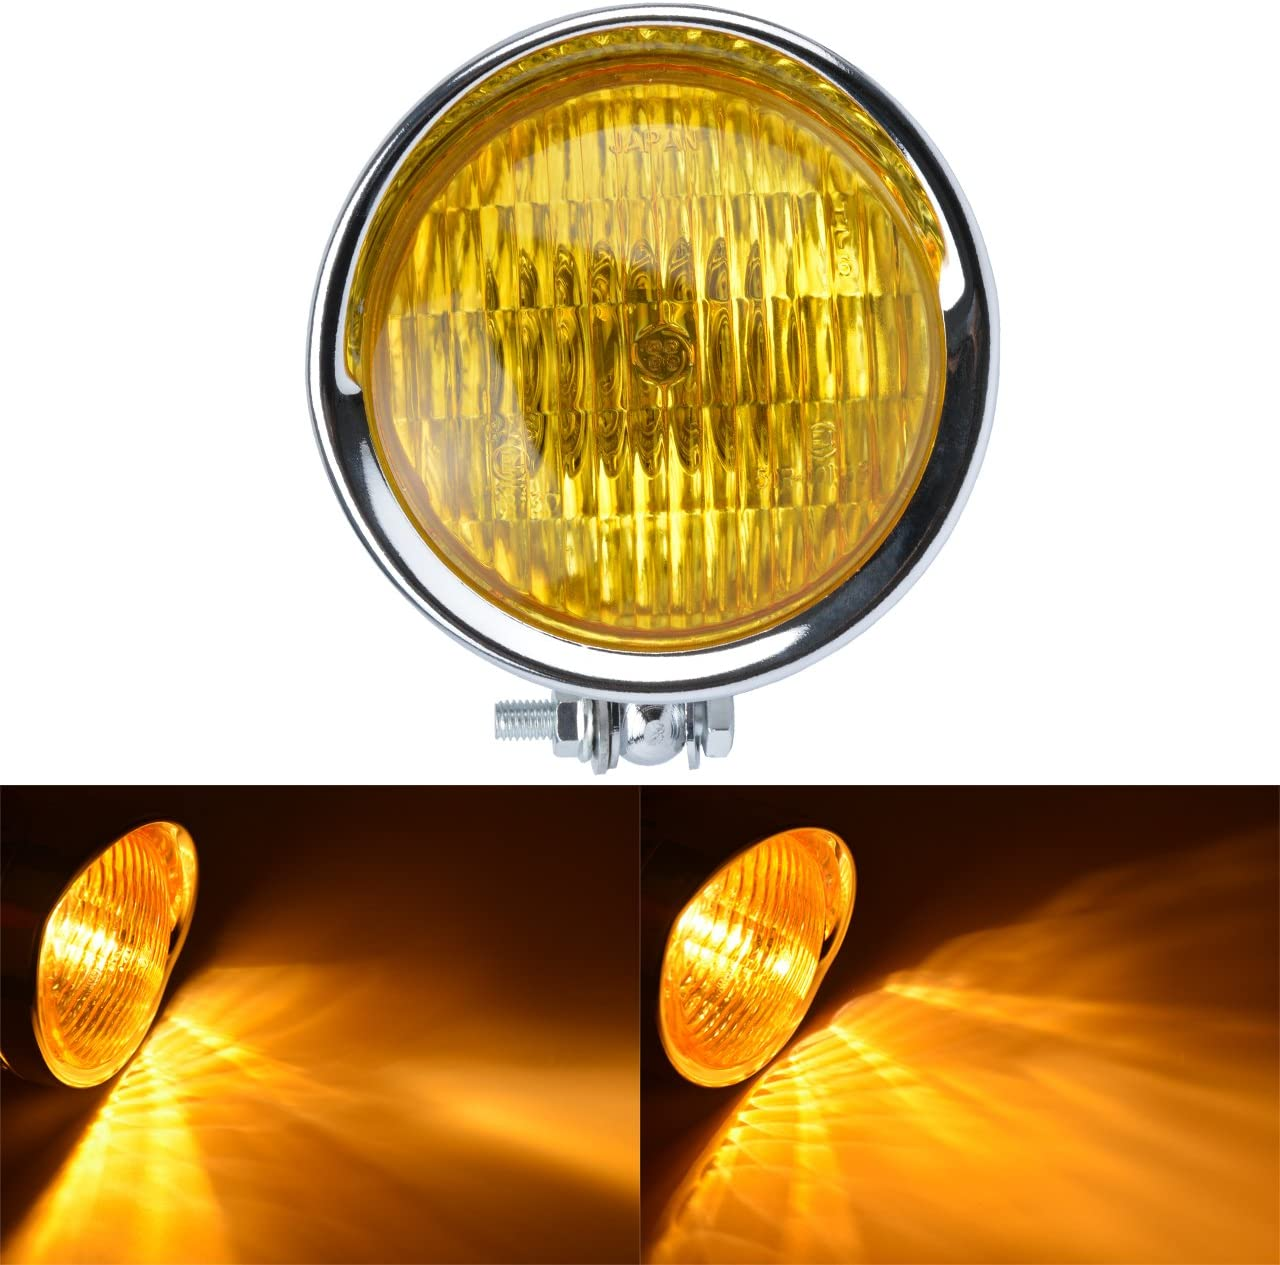 Bernsteinfarbenes Licht NATGIC 6,5Motorrad Scheinwerfer Universal Scheinwerferlampe Schwarzes Geh/äuse /& Wei/ße Linse Einzelne Scheinwerfer Gl/ühlampe Lampe